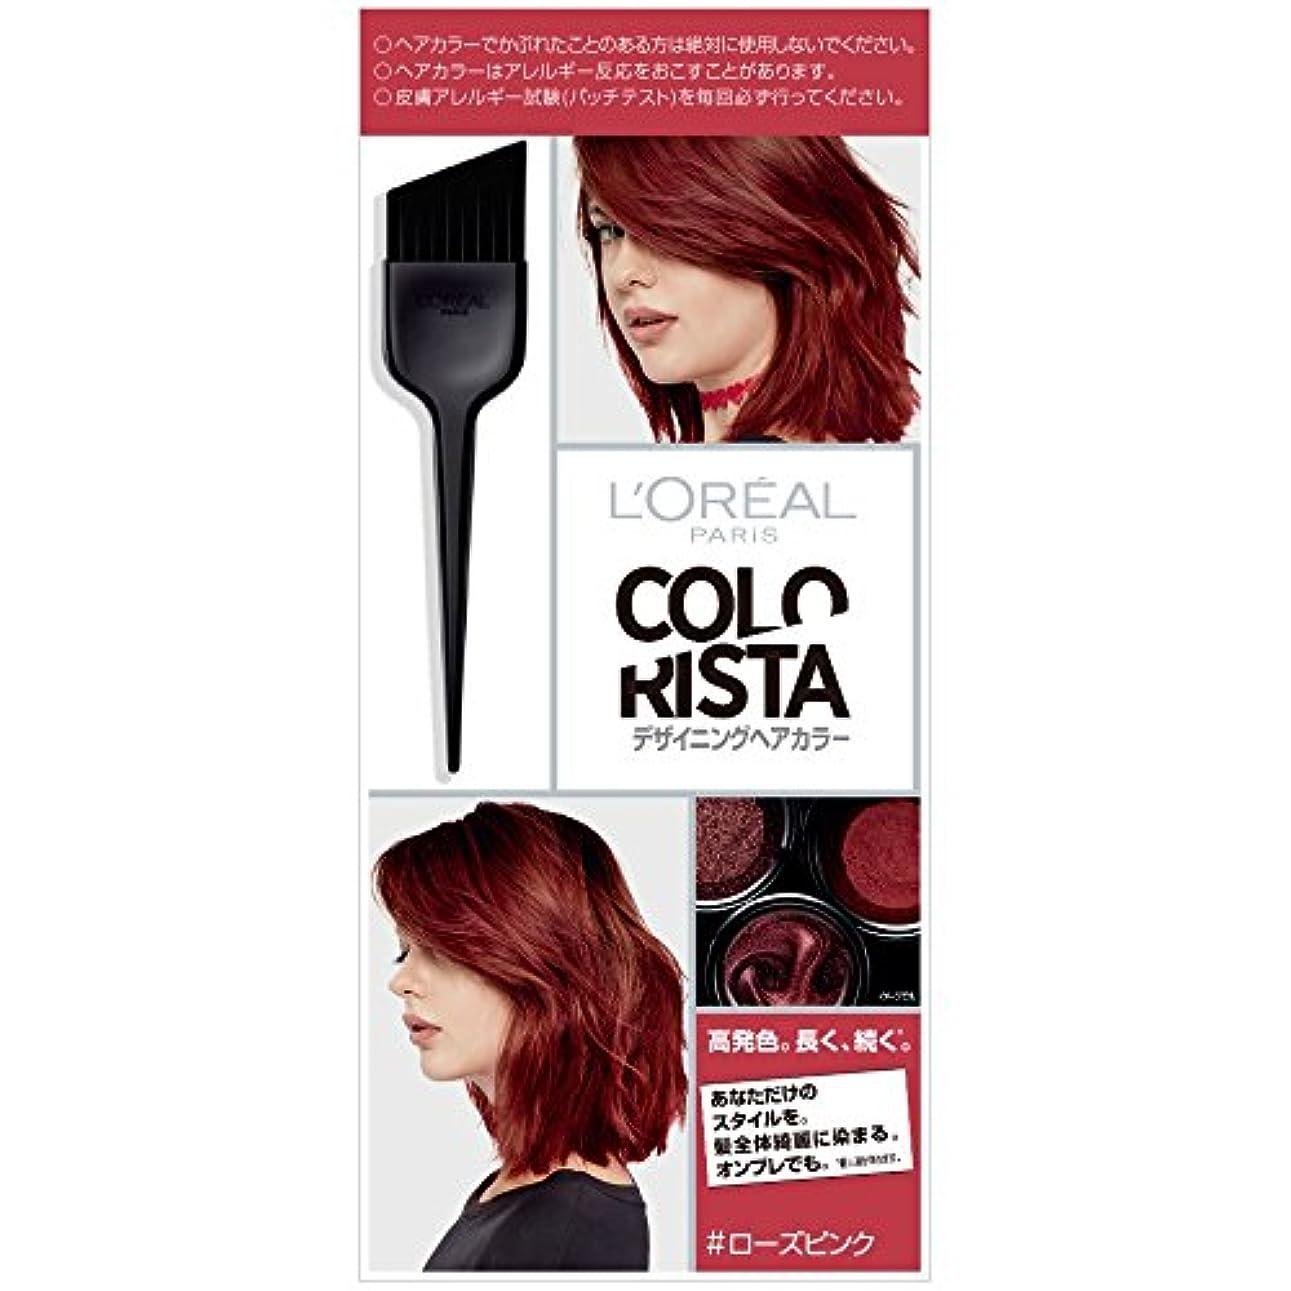 航空機不毛の社交的ロレアル パリ カラーリスタ デザイニングヘアカラー ローズピンク